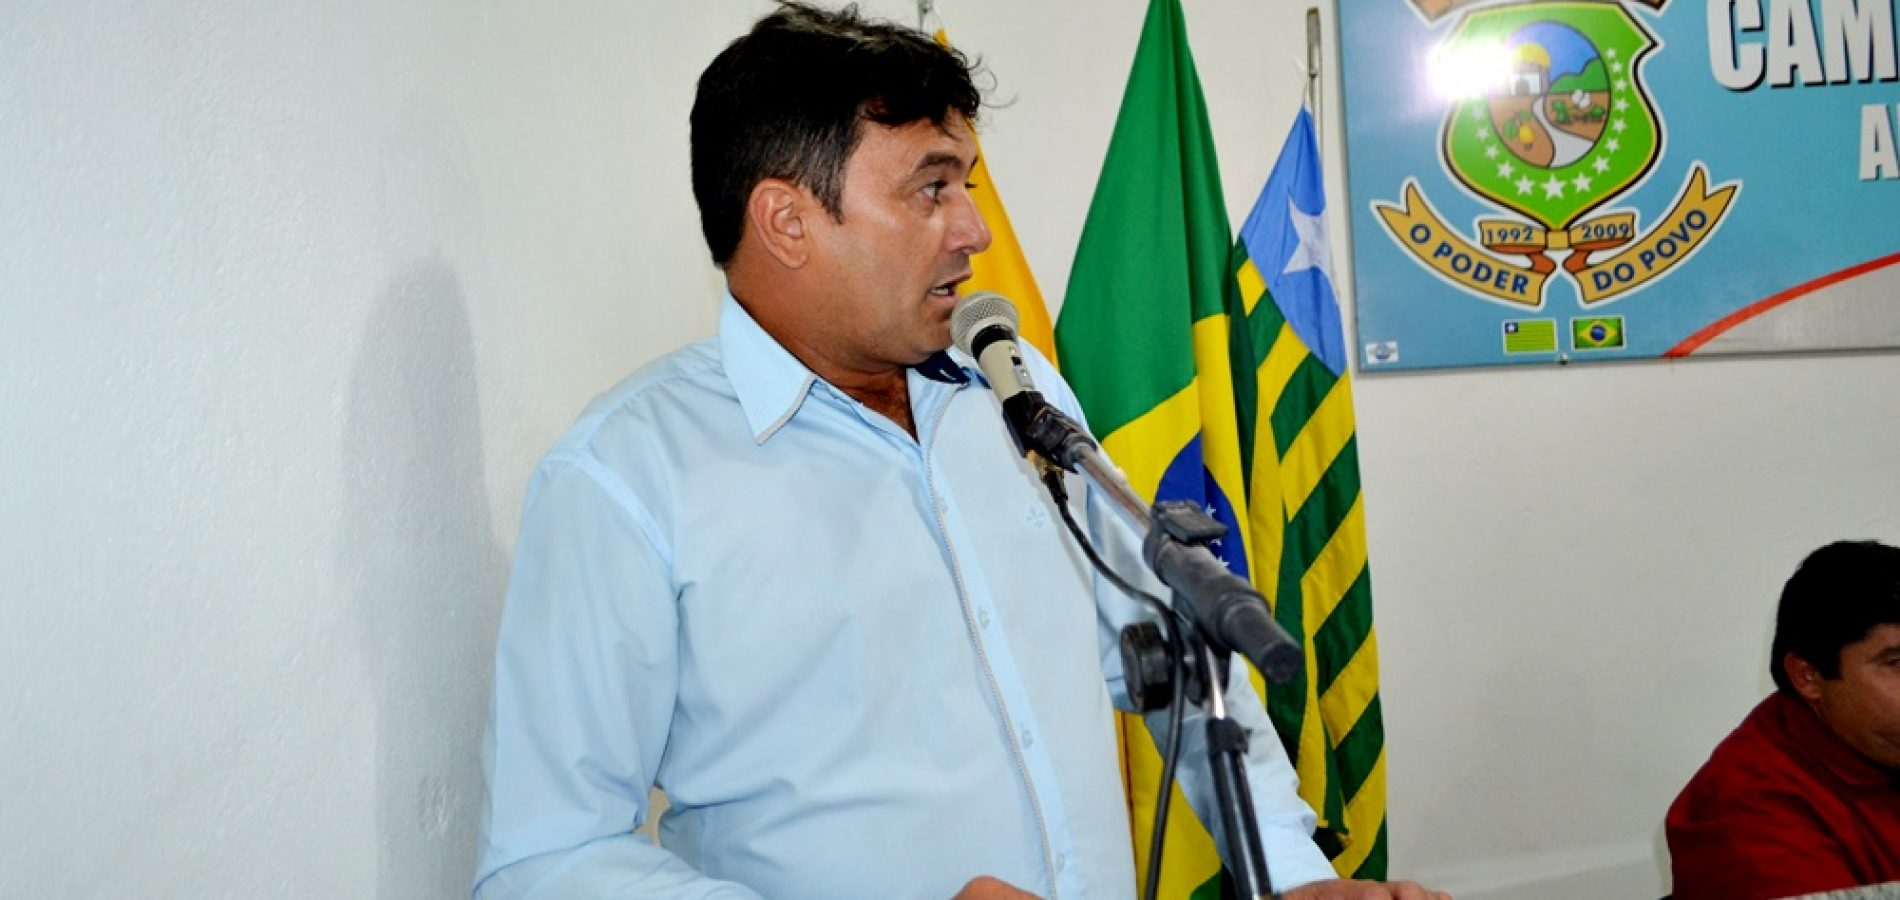 Vereador quer a construção de dois banheiros públicos na praça pública em Alegrete do PI